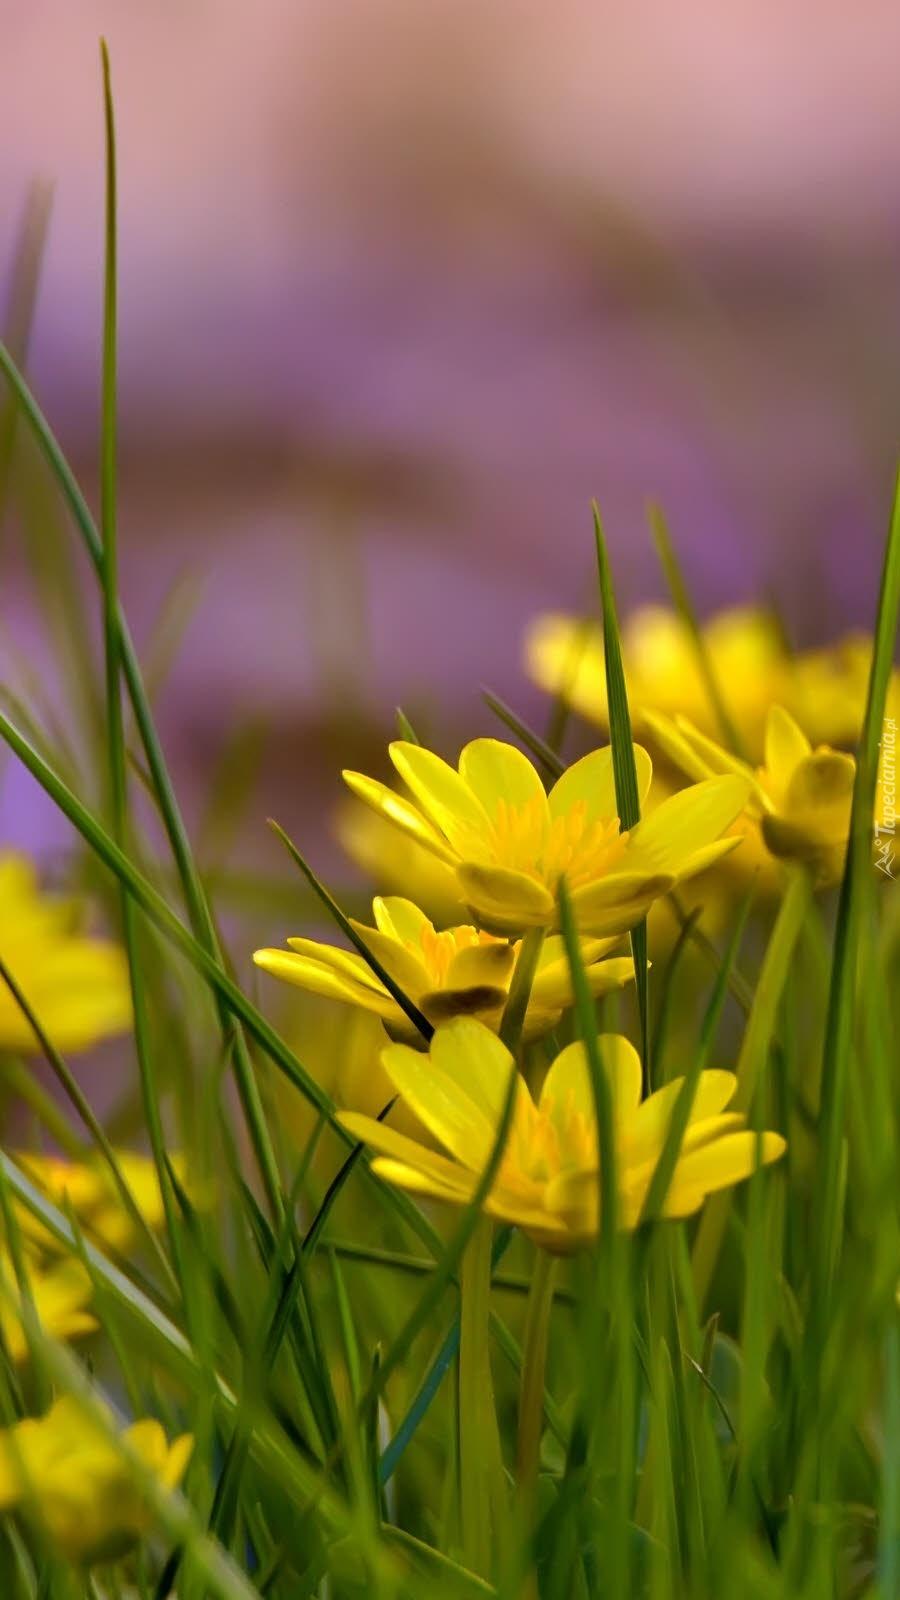 Żółte kwiaty wśród traw